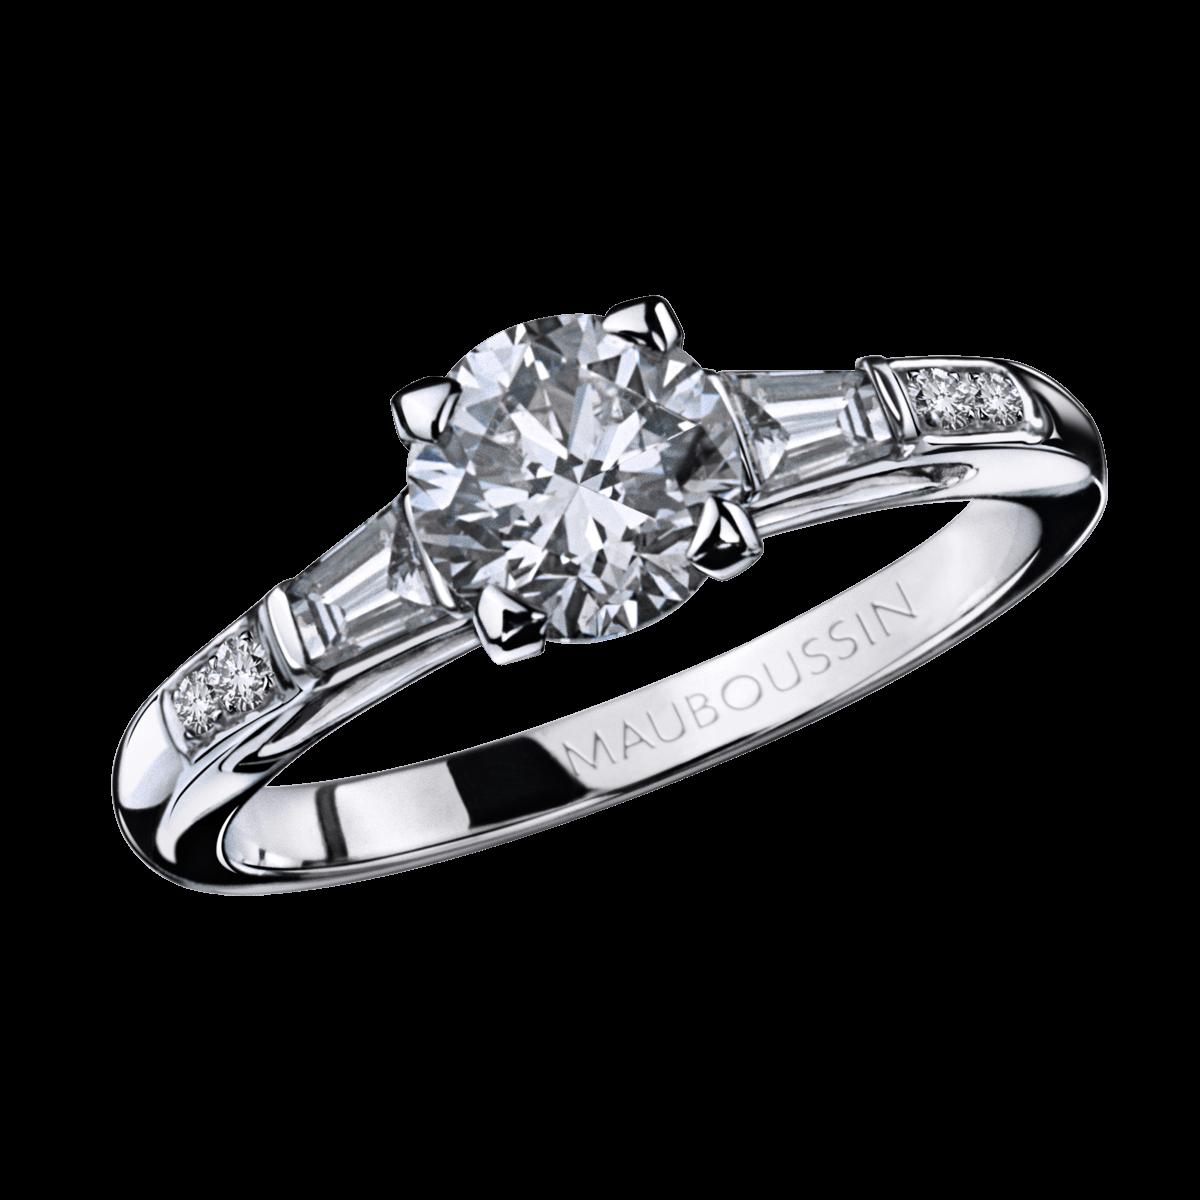 Bien-aimé bijoux luxe femme mauboussin,bague mauboussin coeur diamants  TD53